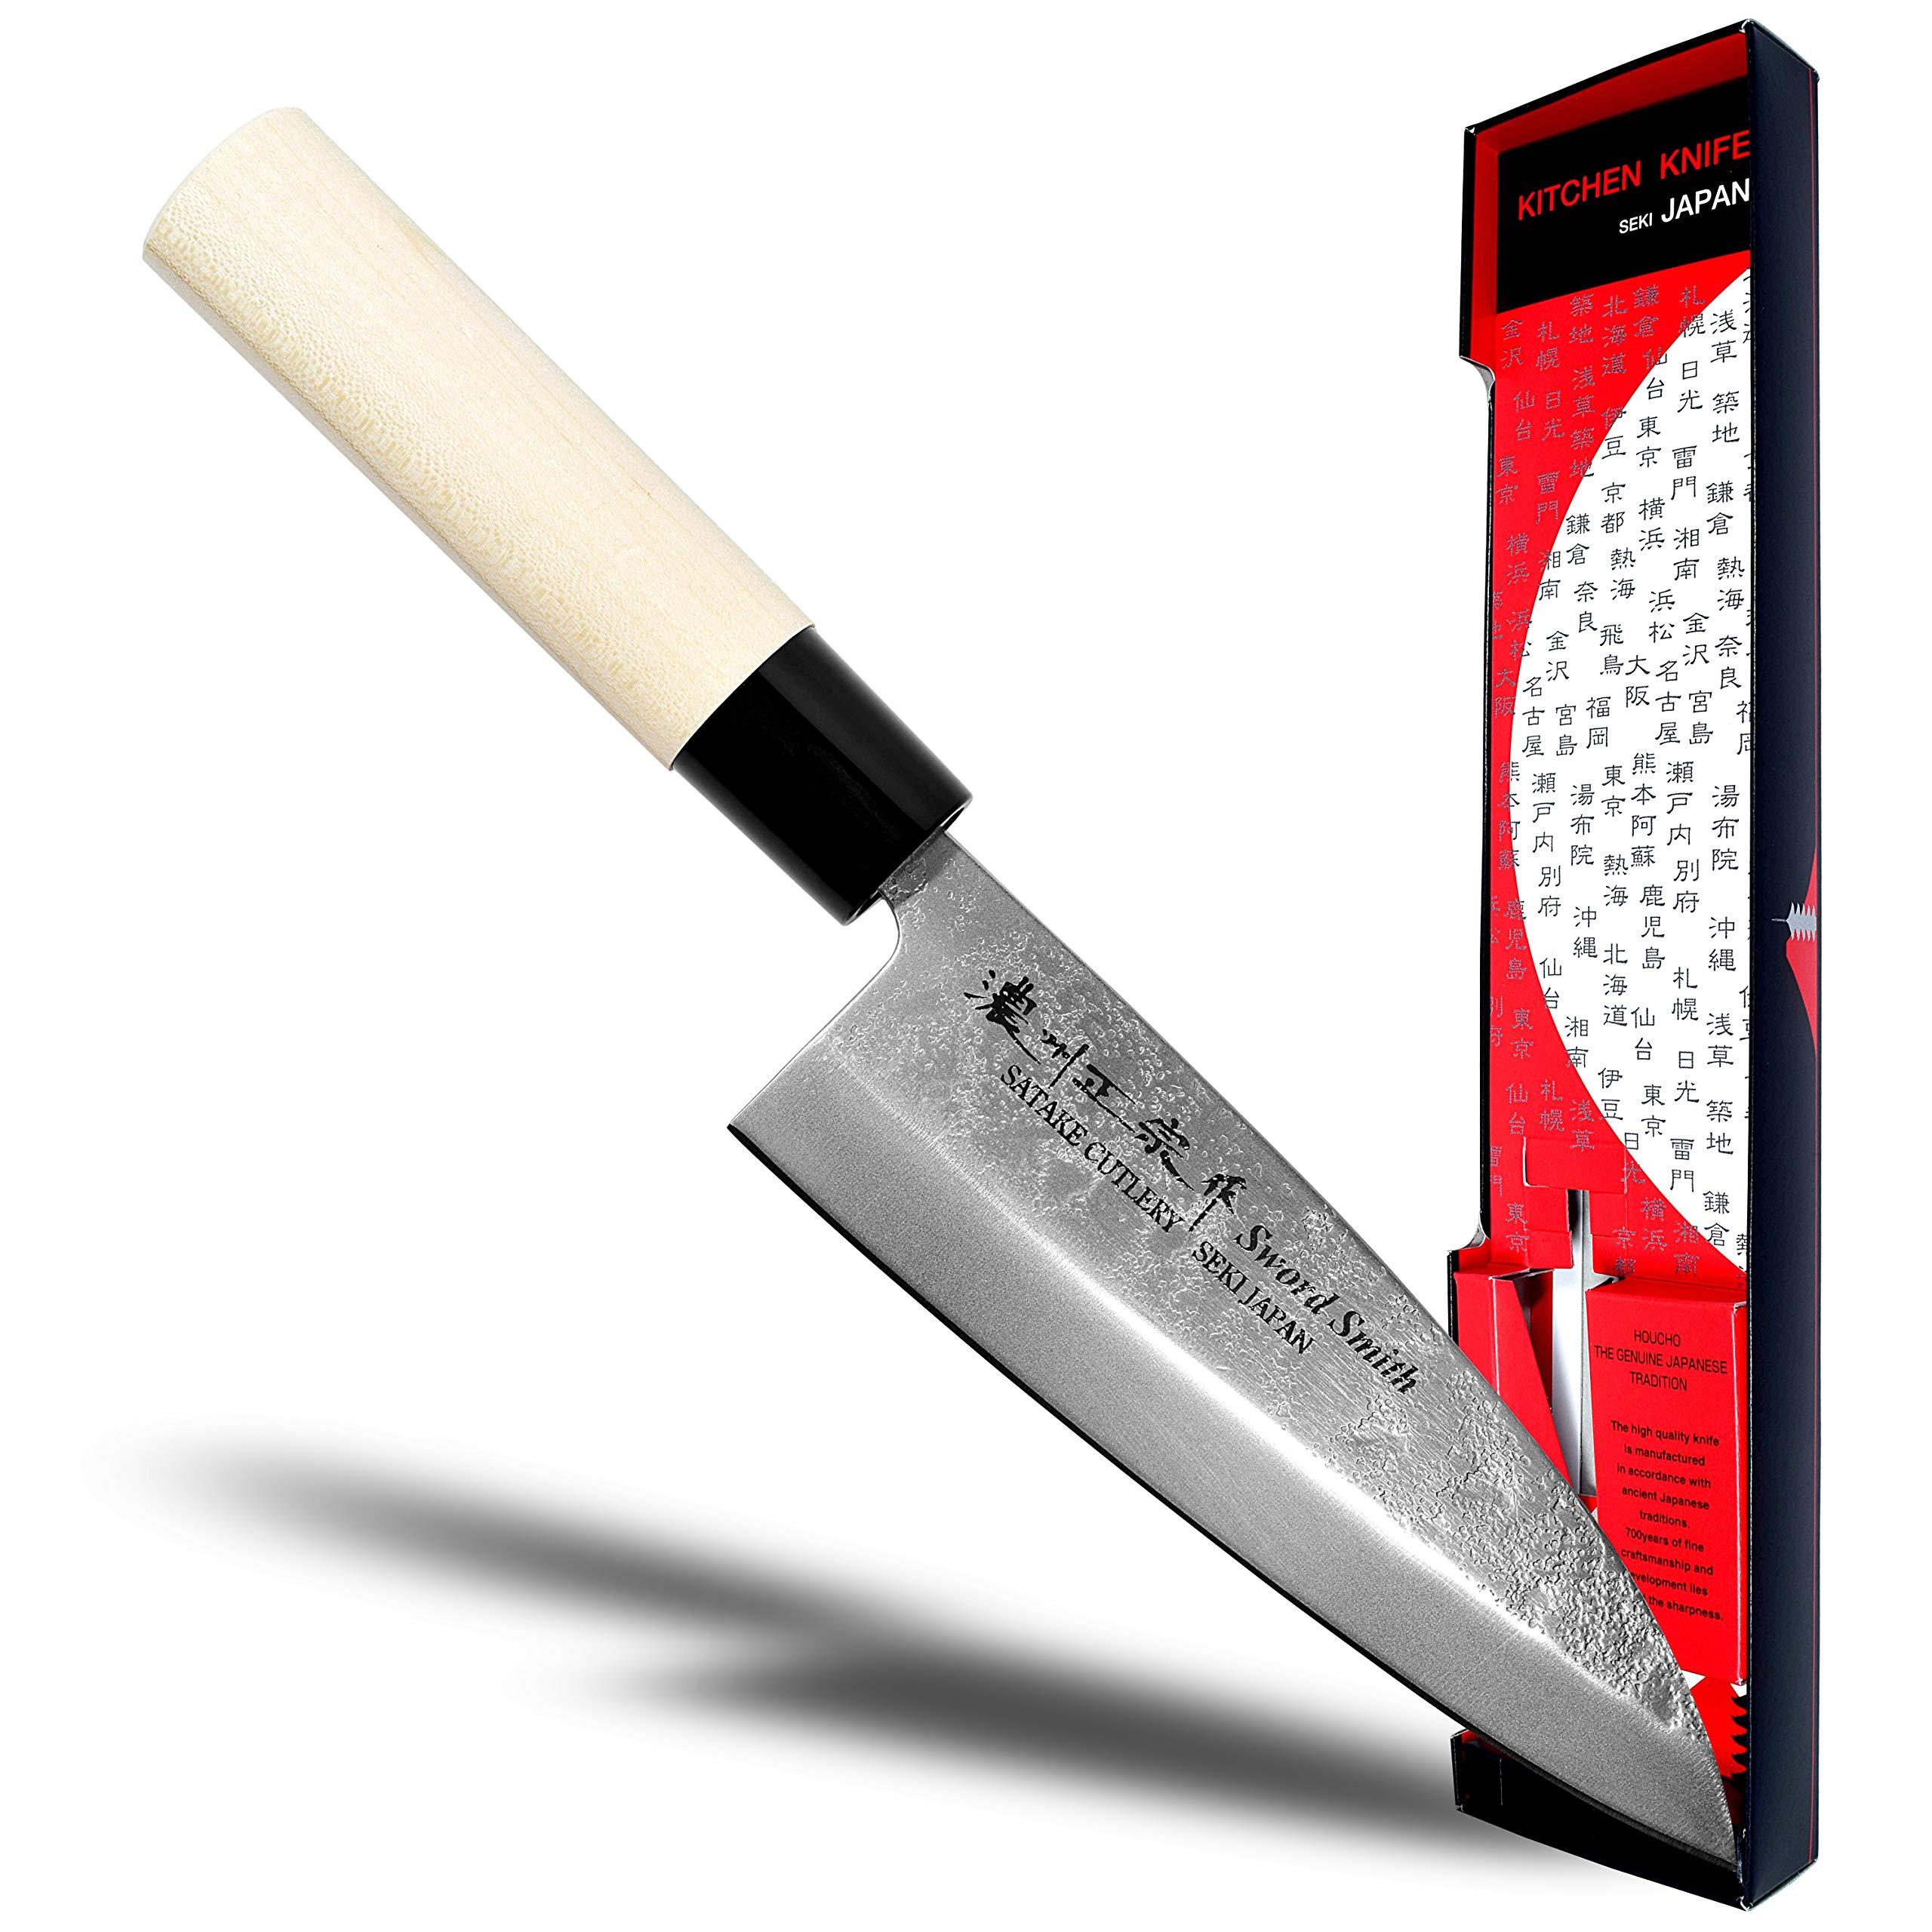 Seki Japan MASAMUNE, Japanese Sushi Chef Knife, Nashiji Stain Finish Stainless Steel Sashimi Deba Knife, Shiraki Handle, 6.1 inch (155mm) by product of gifu japan